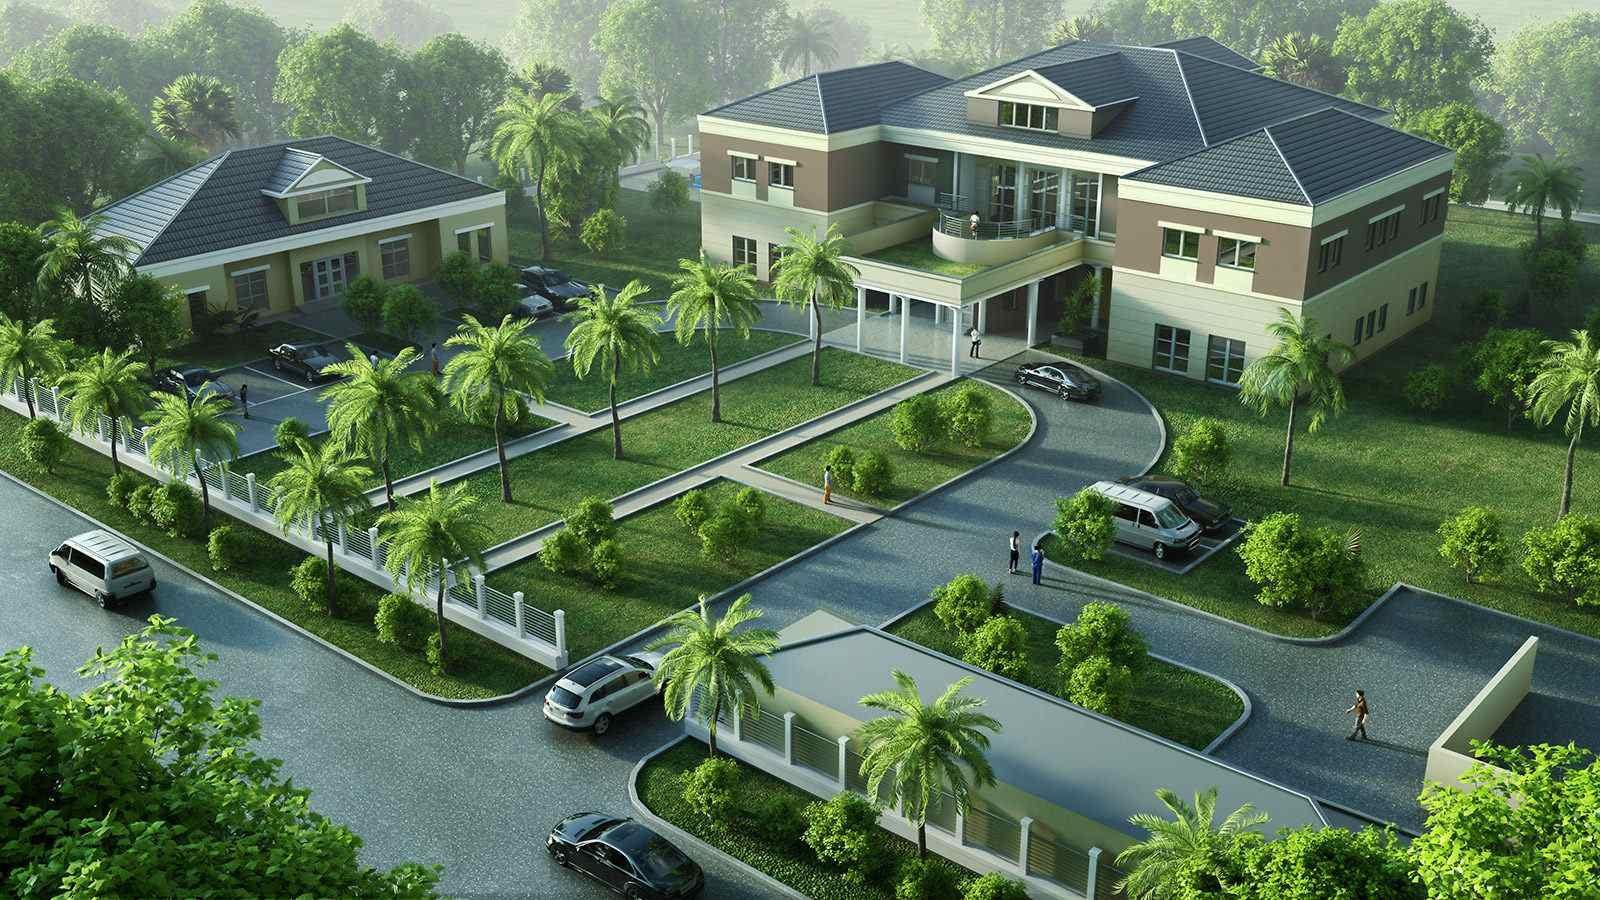 Villa Straßenseite - Architekturvisualisierung  Aussen